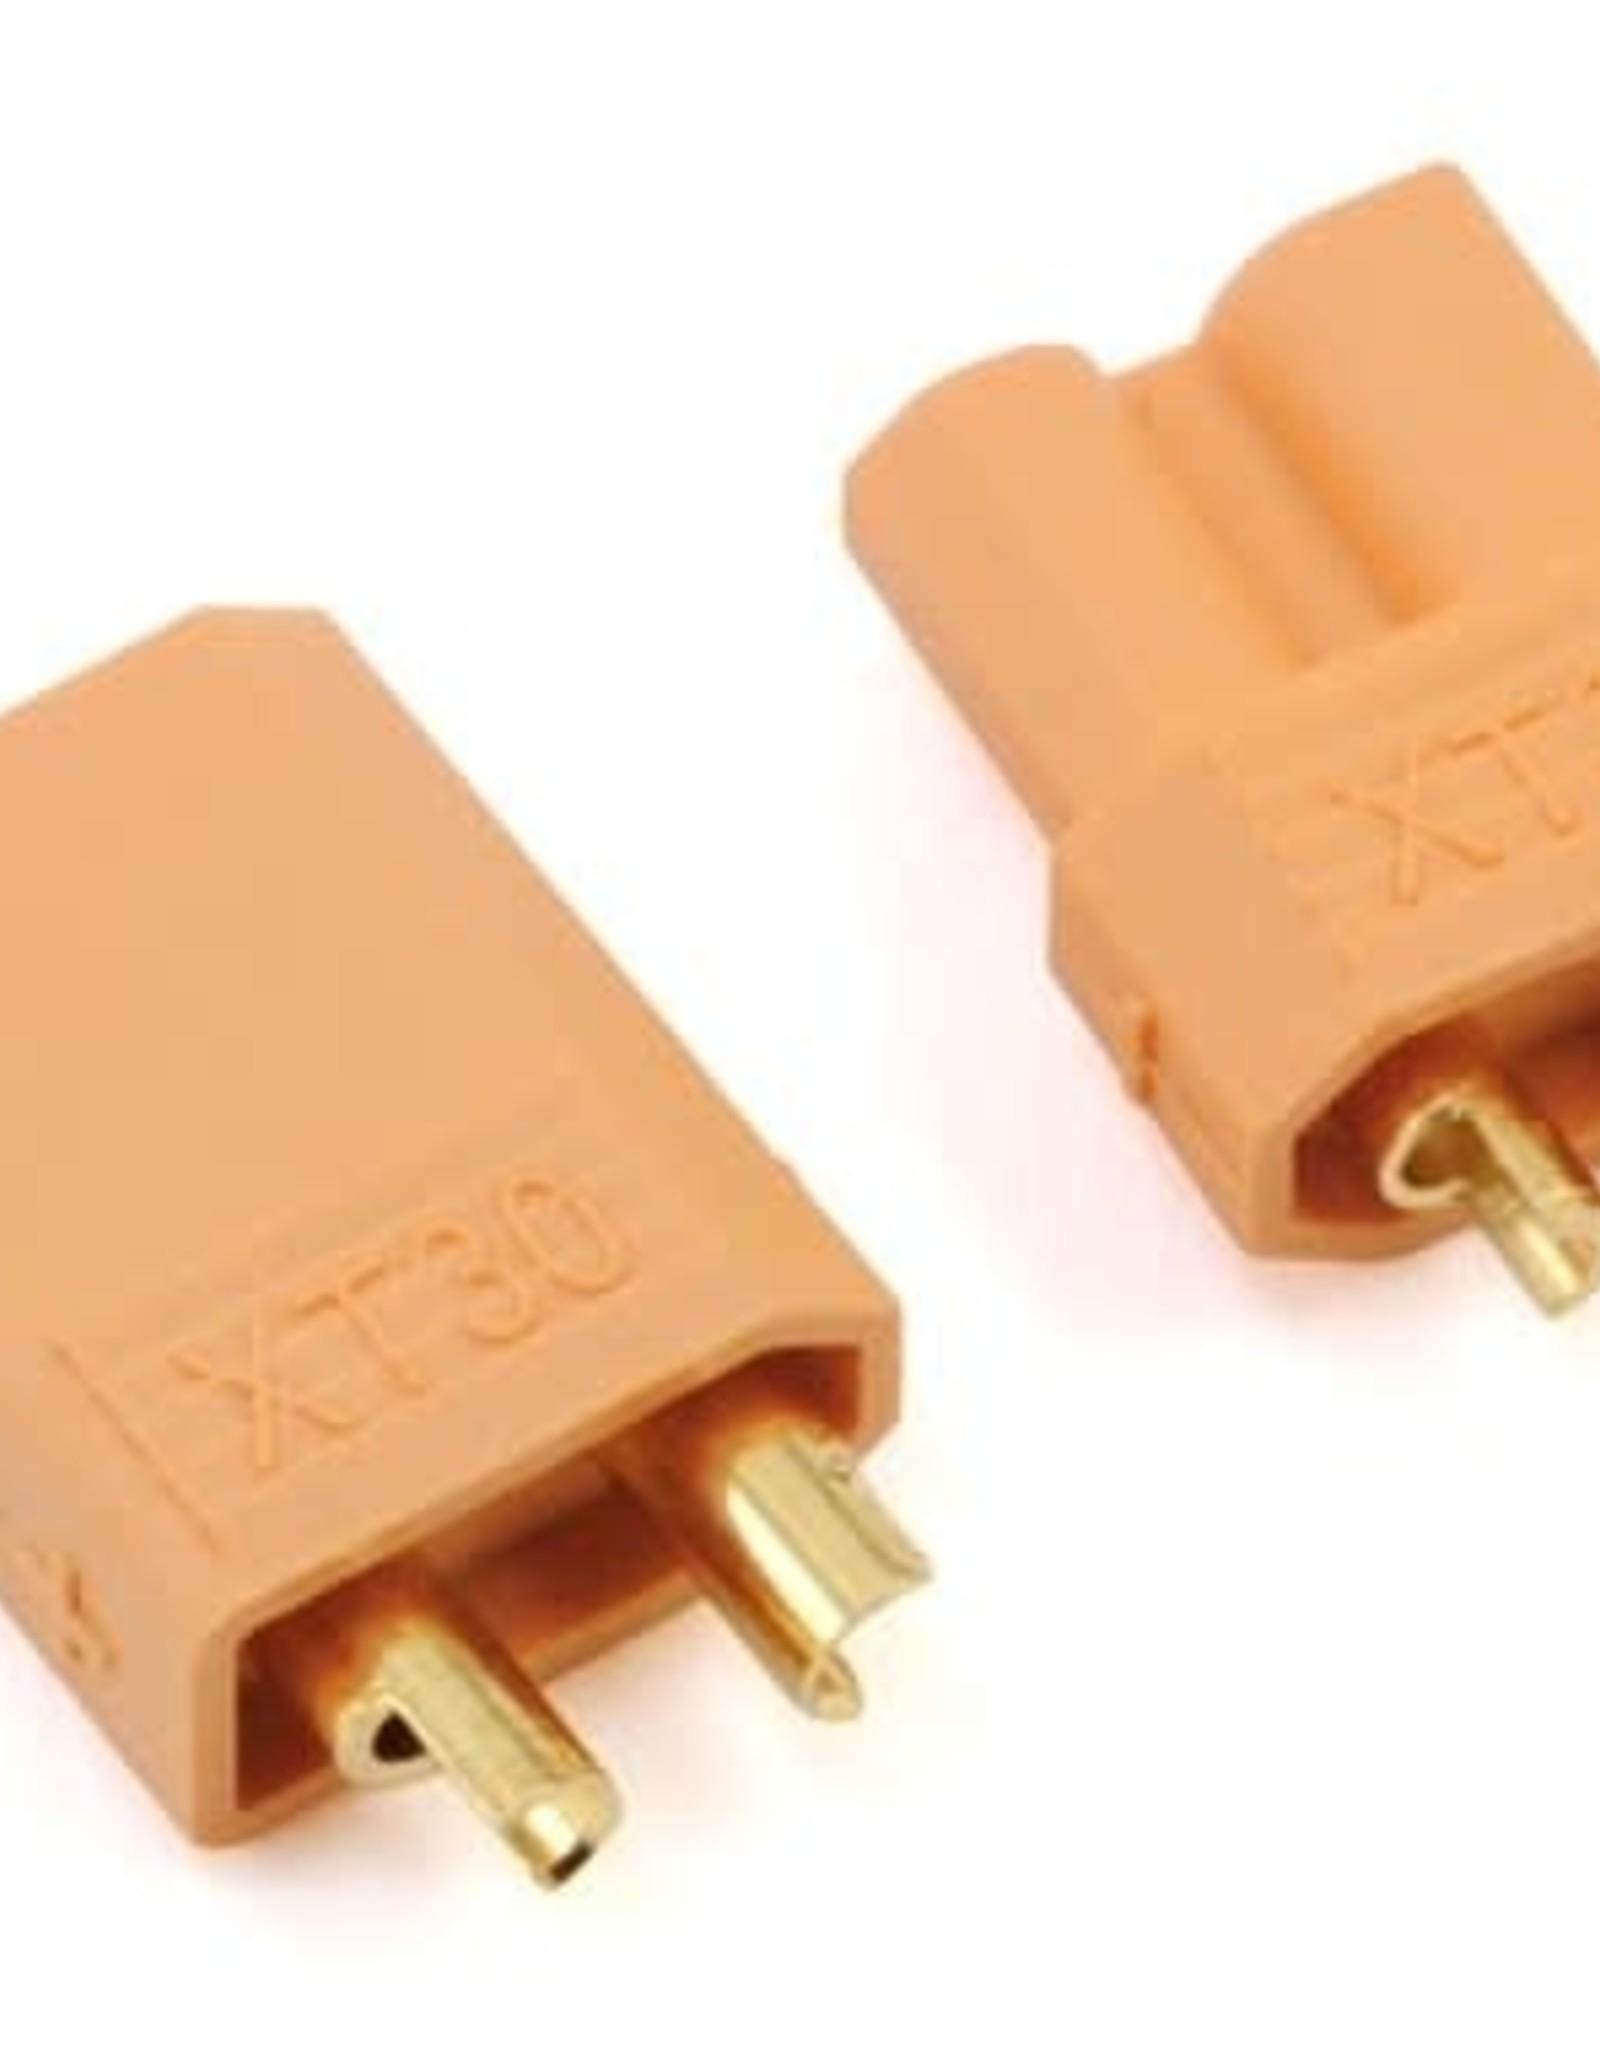 Protek RC ProTek RC XT30 Polarized Connectors (1 Male/1 Female)